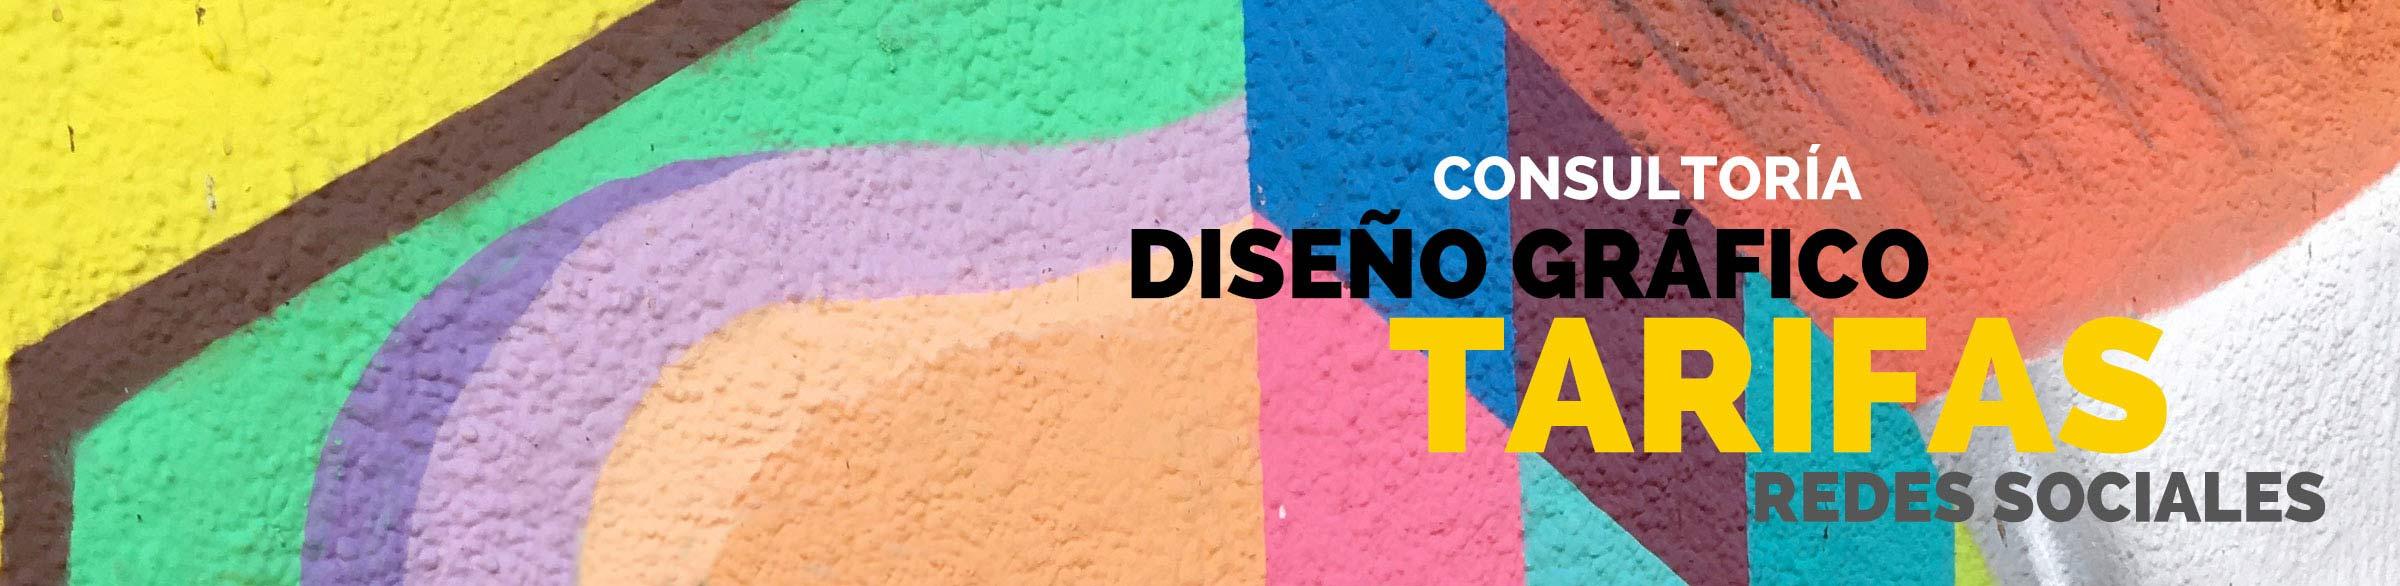 Tarifas de consultoría, diseño gráfico y redes sociales 2019